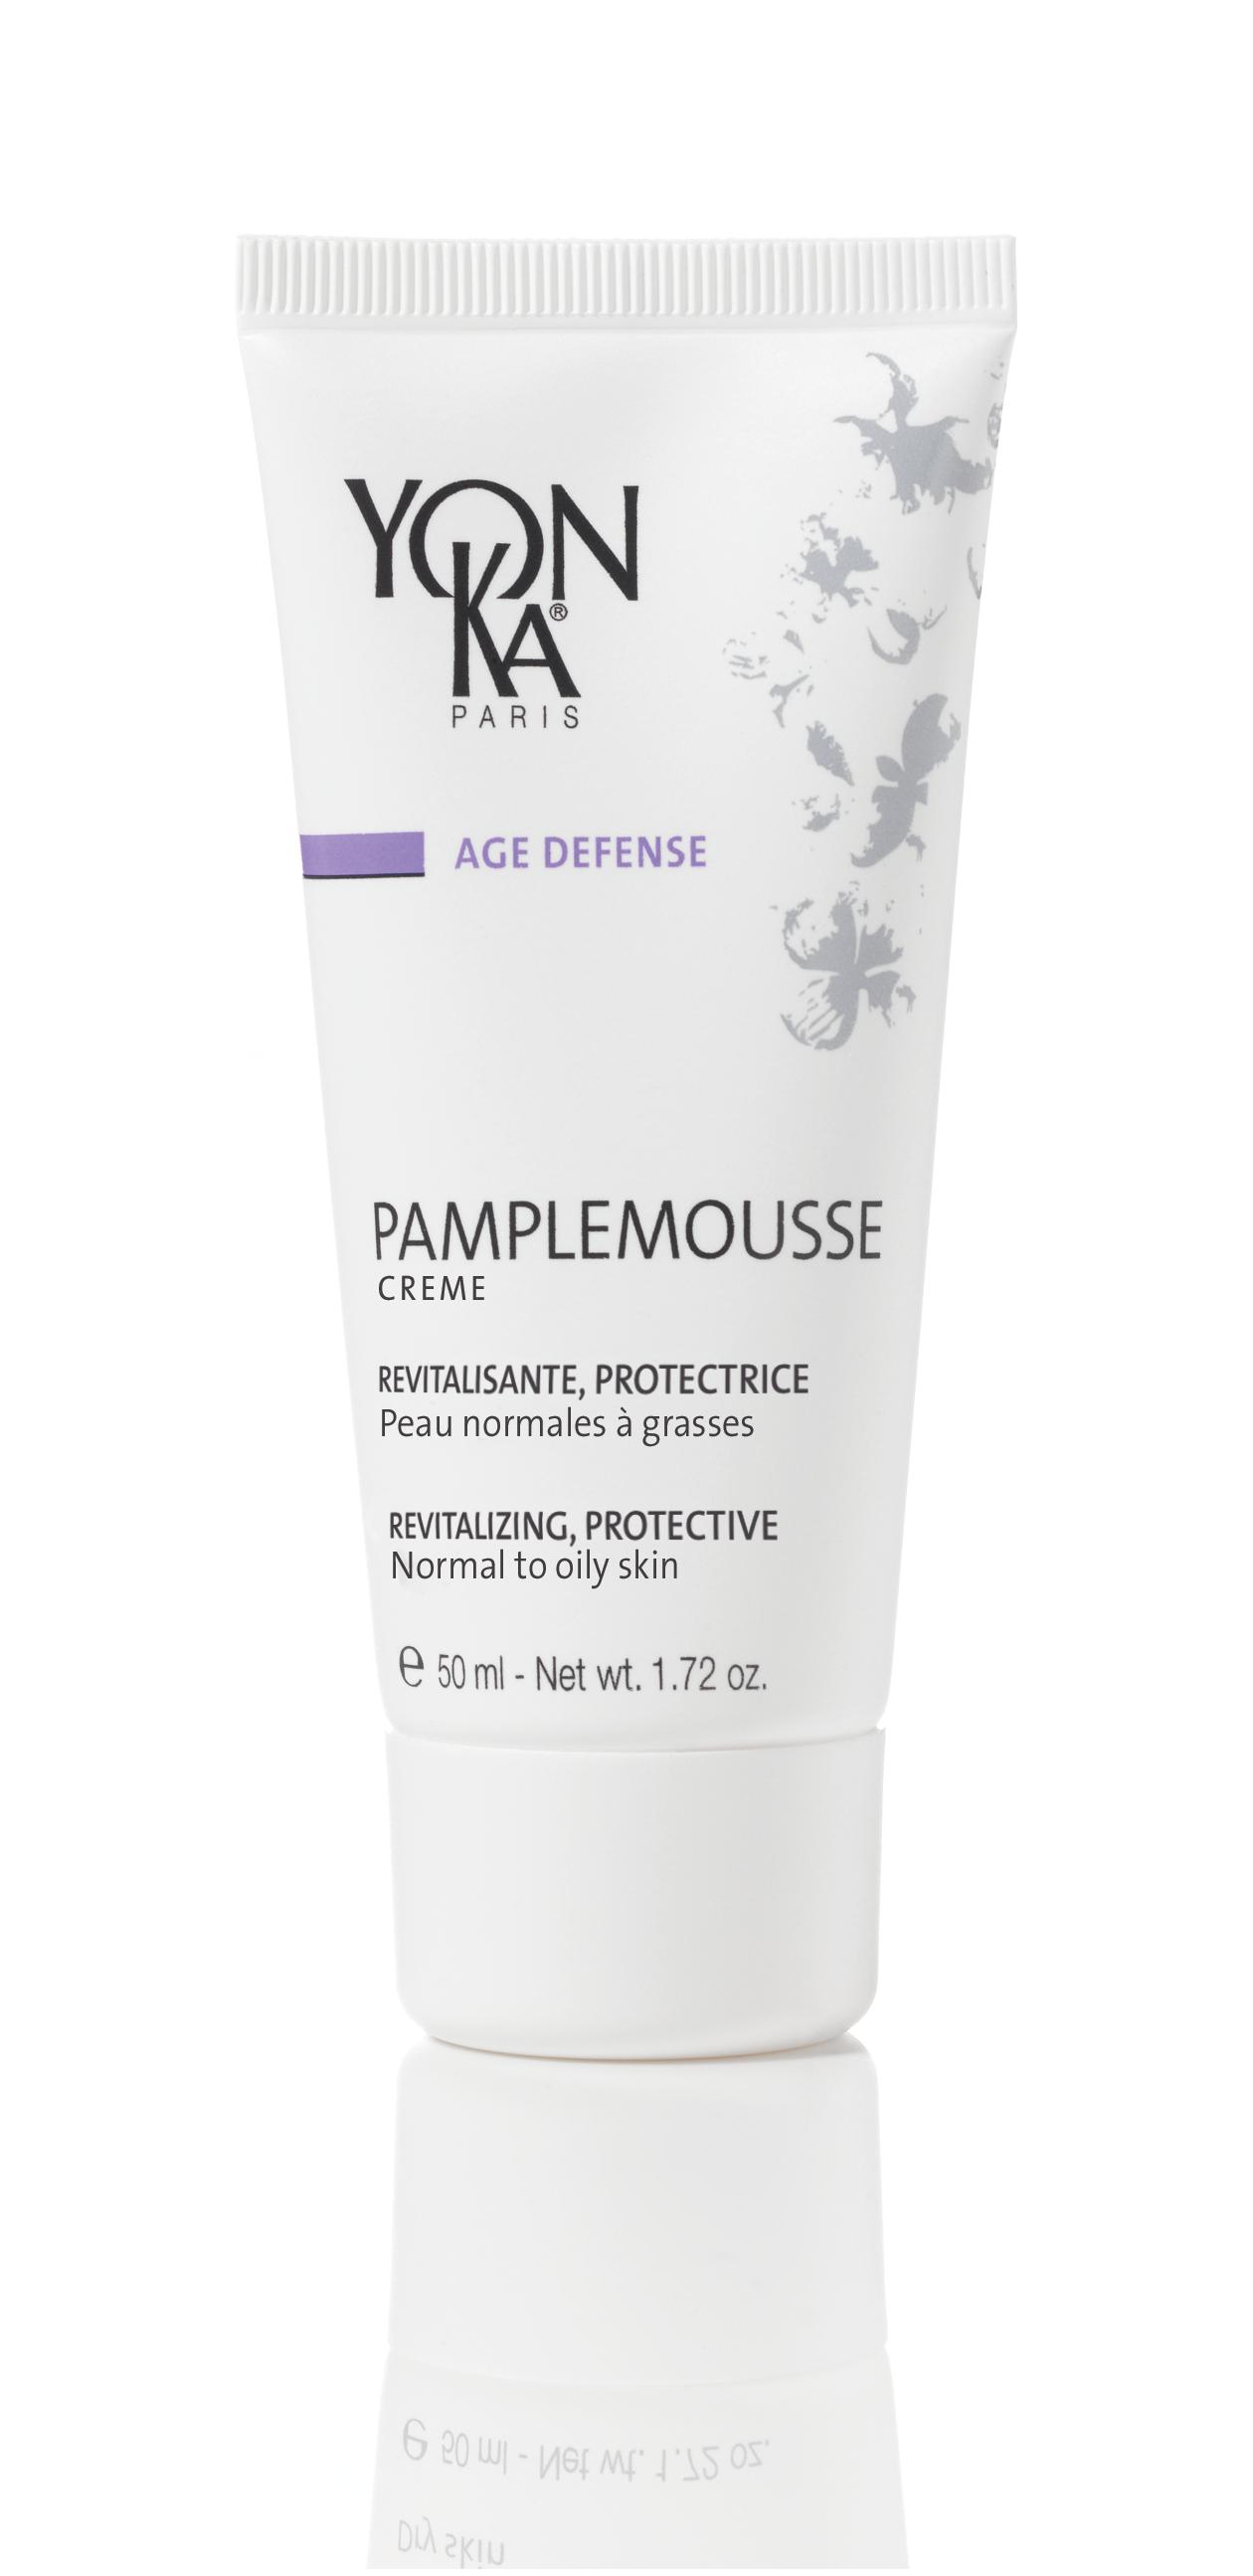 Crème pamplemousse PNG